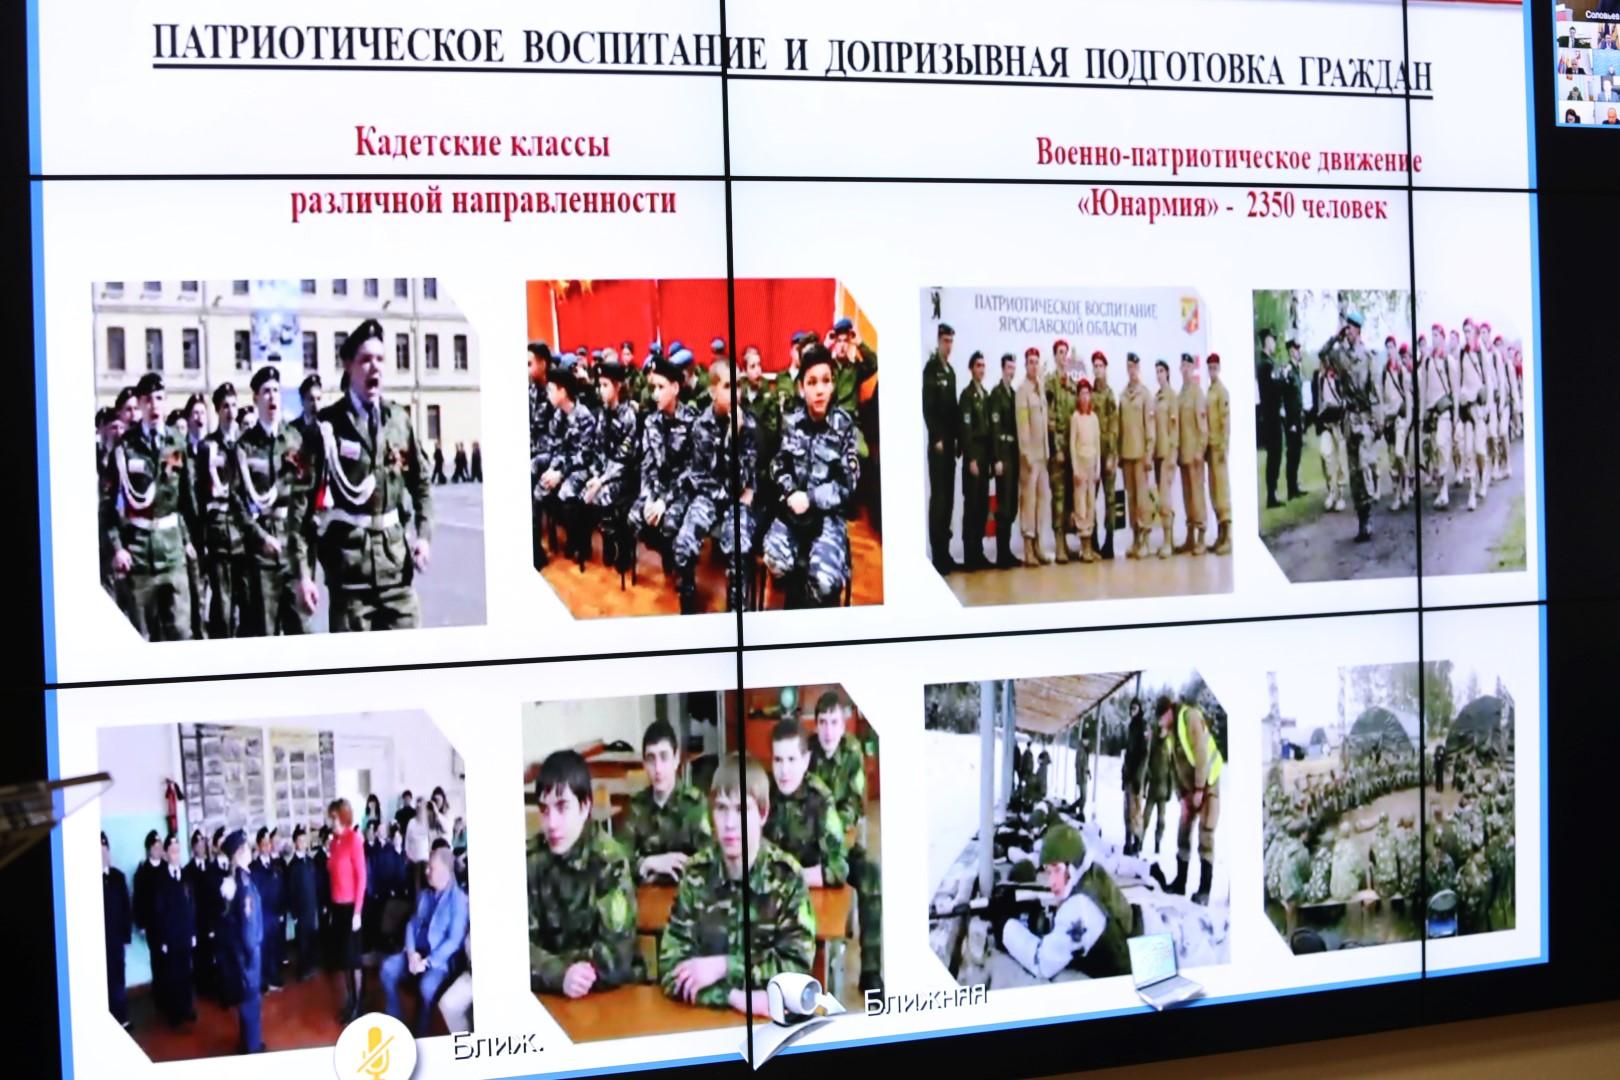 Более 2 тысяч призывников из Ярославской области отправились на прохождение военной службы в этом году